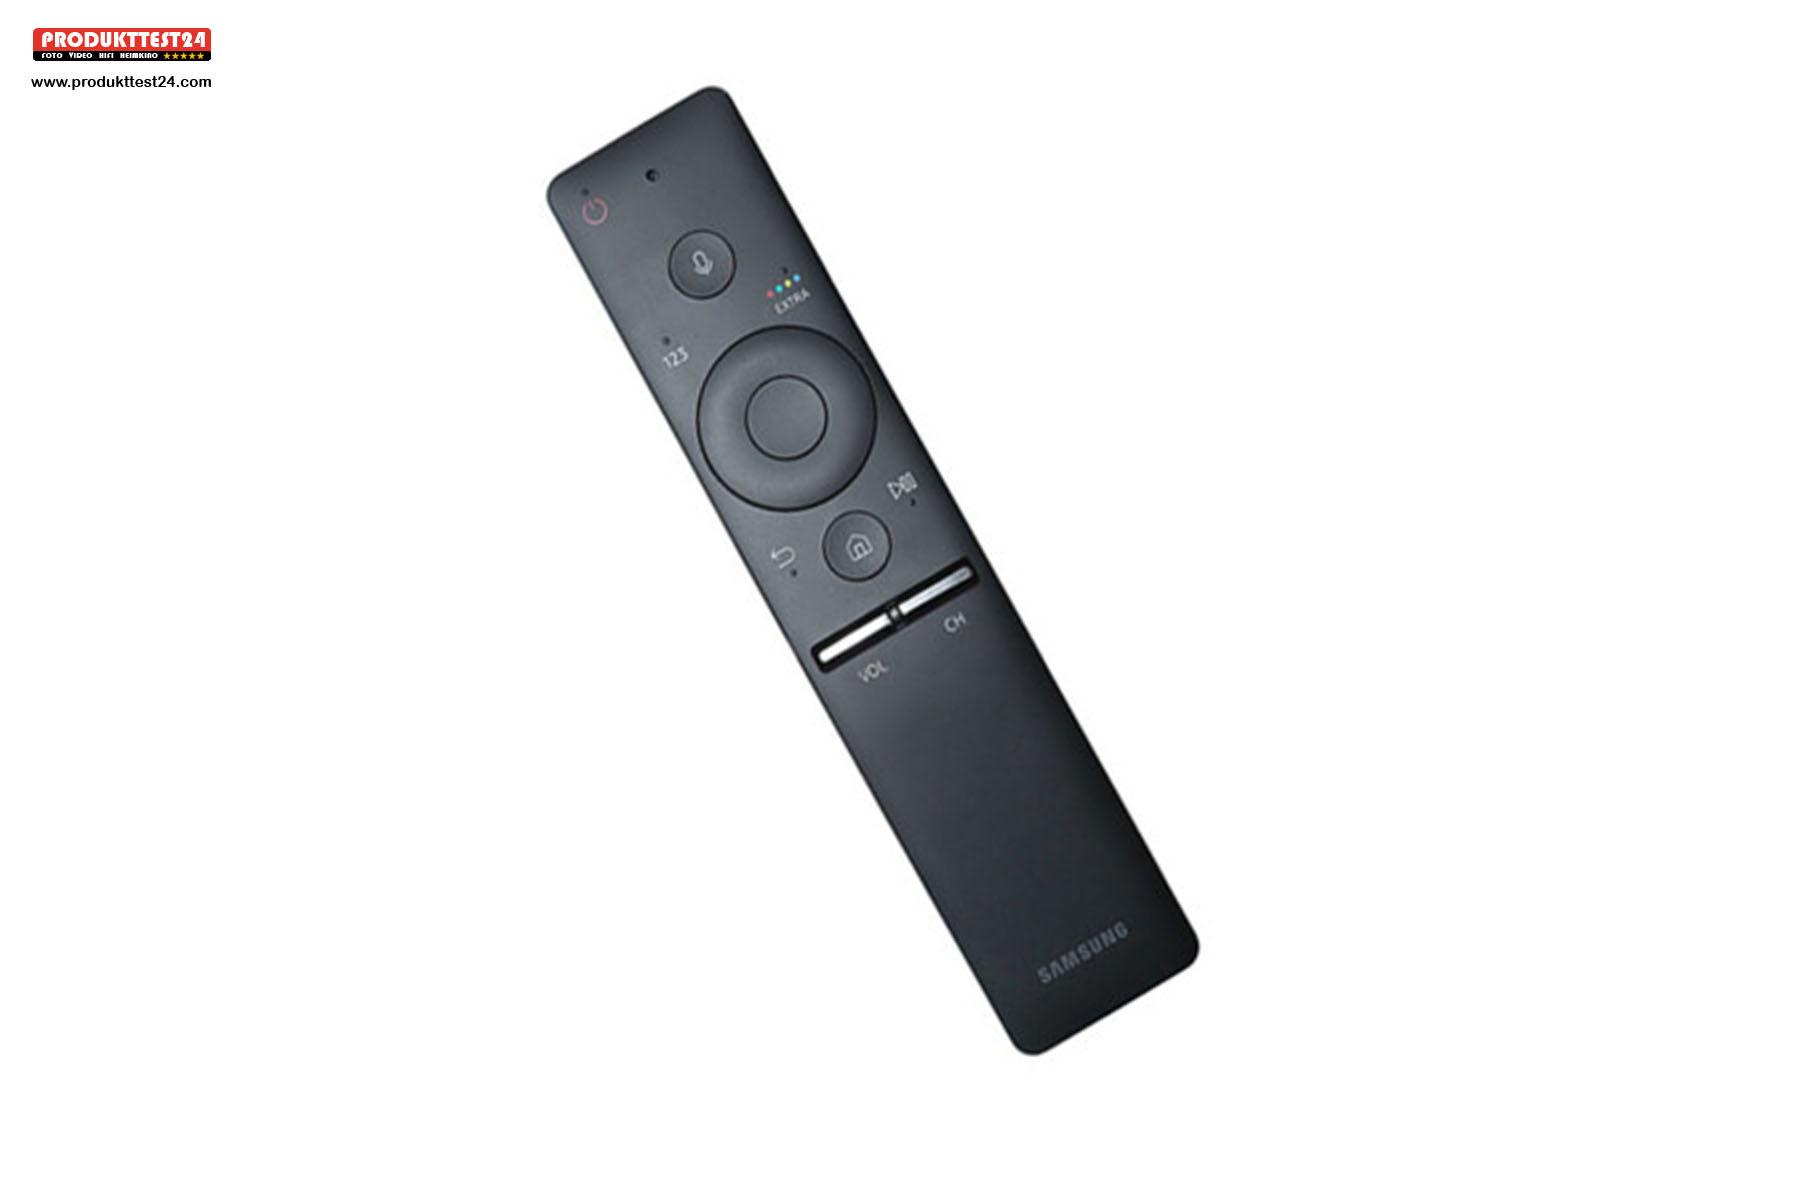 Die Smart Remote Fernbedienung kommt mit wenigen Tasten aus.